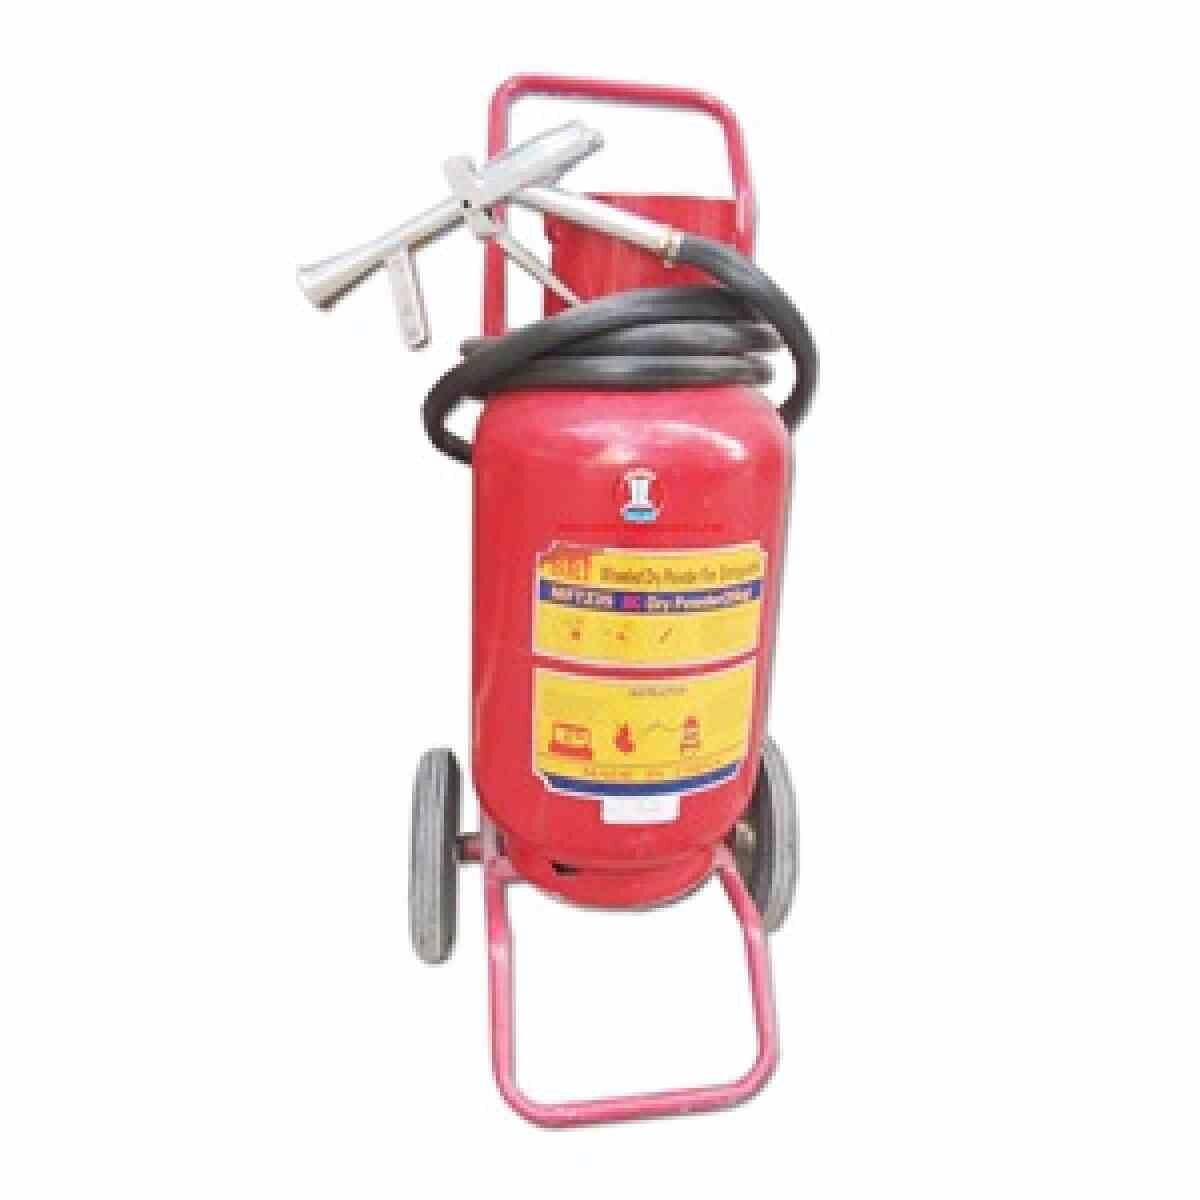 Bình chữa cháy Bột ABC MFZ35 35kg